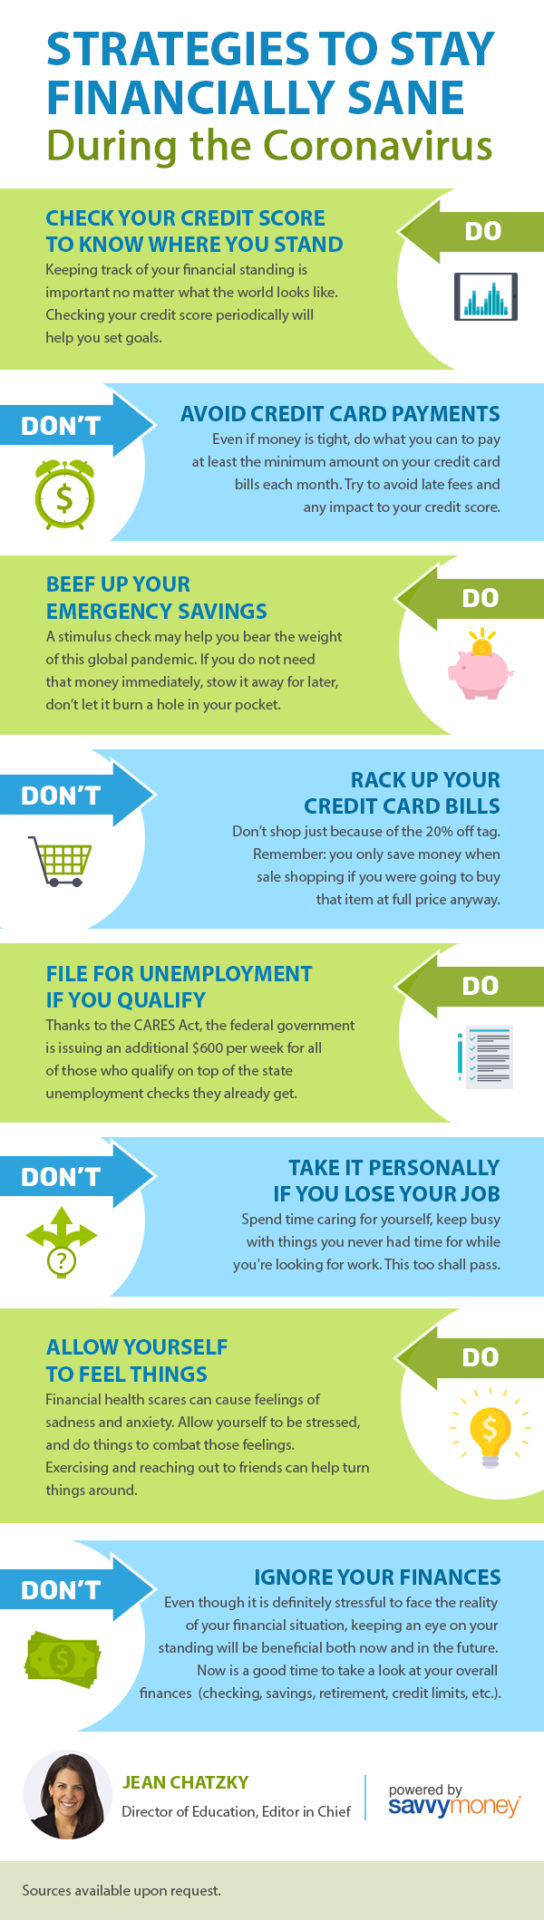 SavvyMoney Infographic